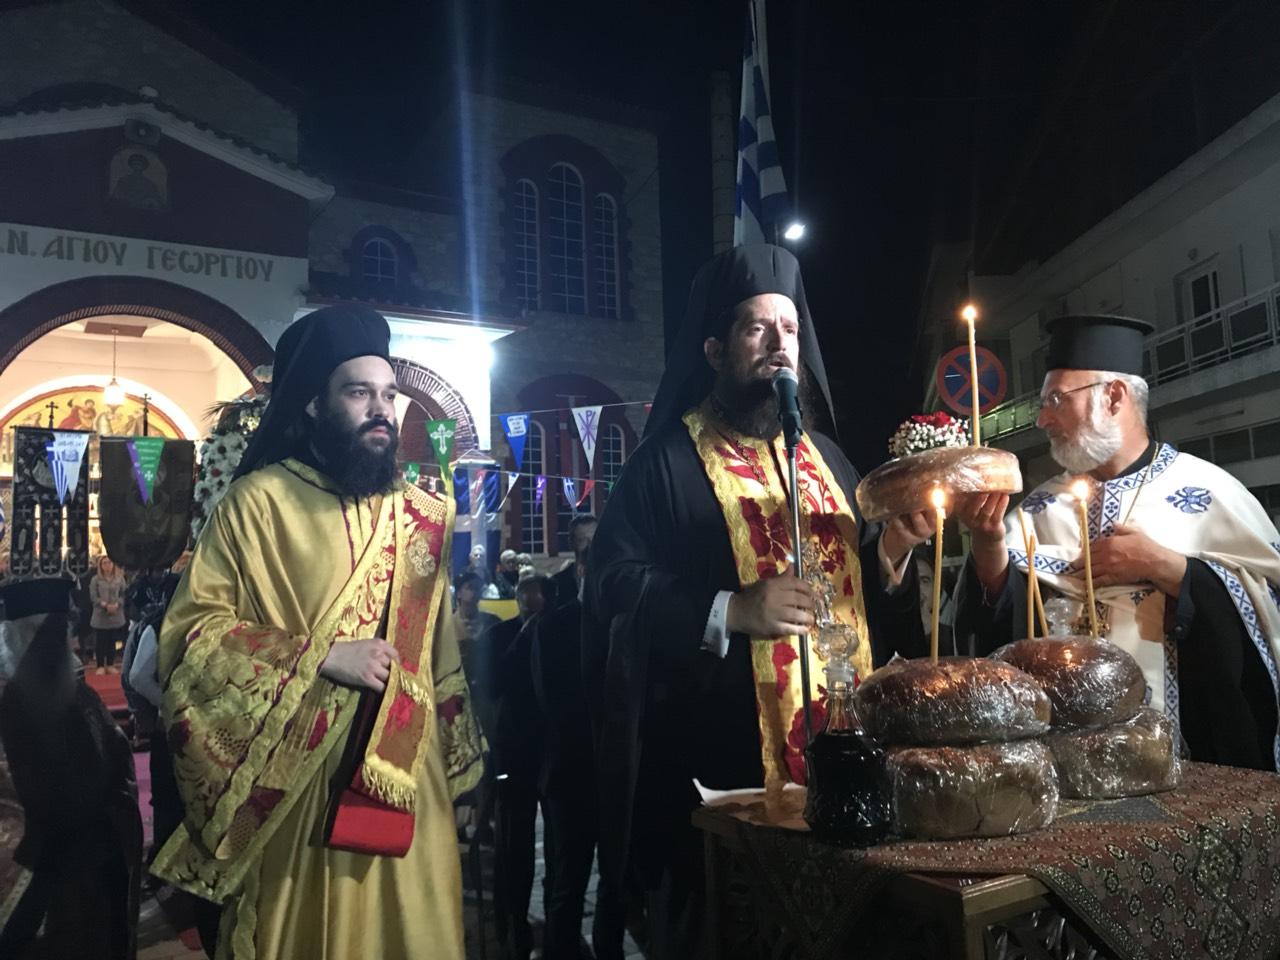 ΑΓΙΟΣ ΓΕΩΡΓΙΟΣ-ΤΥΡΝΑΒΟΣ